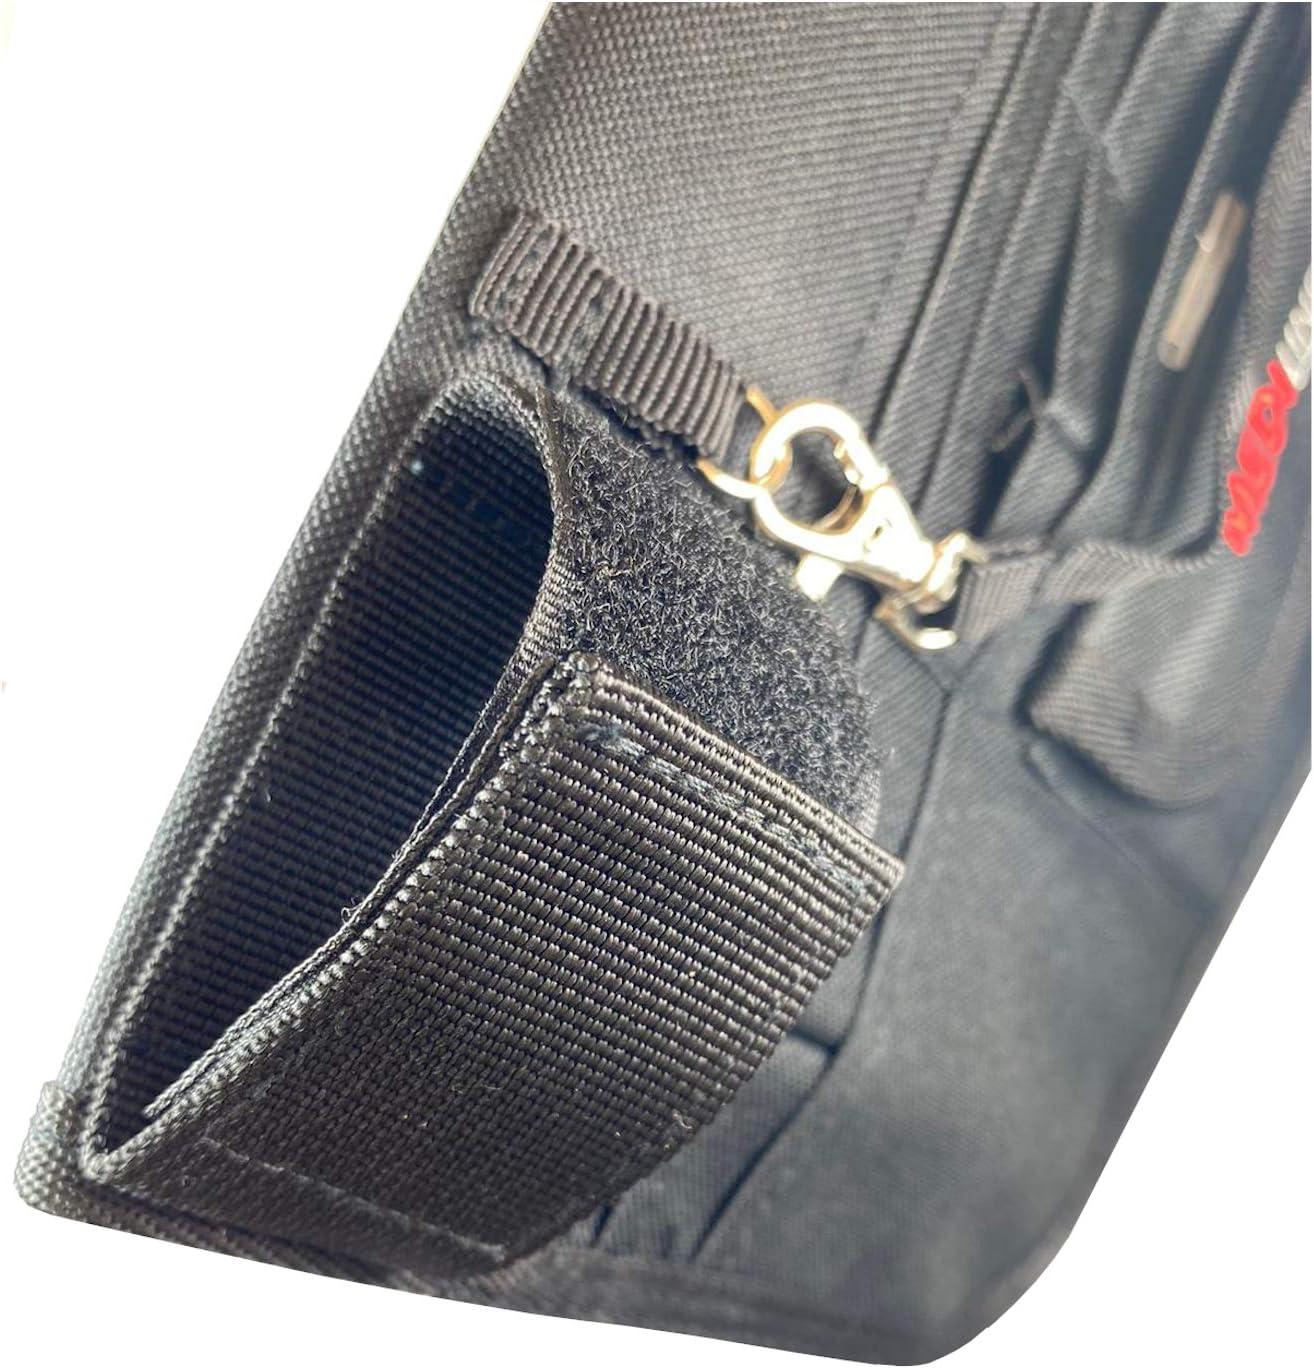 Pochette pour infirmi/ère v/ét/érinaire avec ceinture r/églable Noir